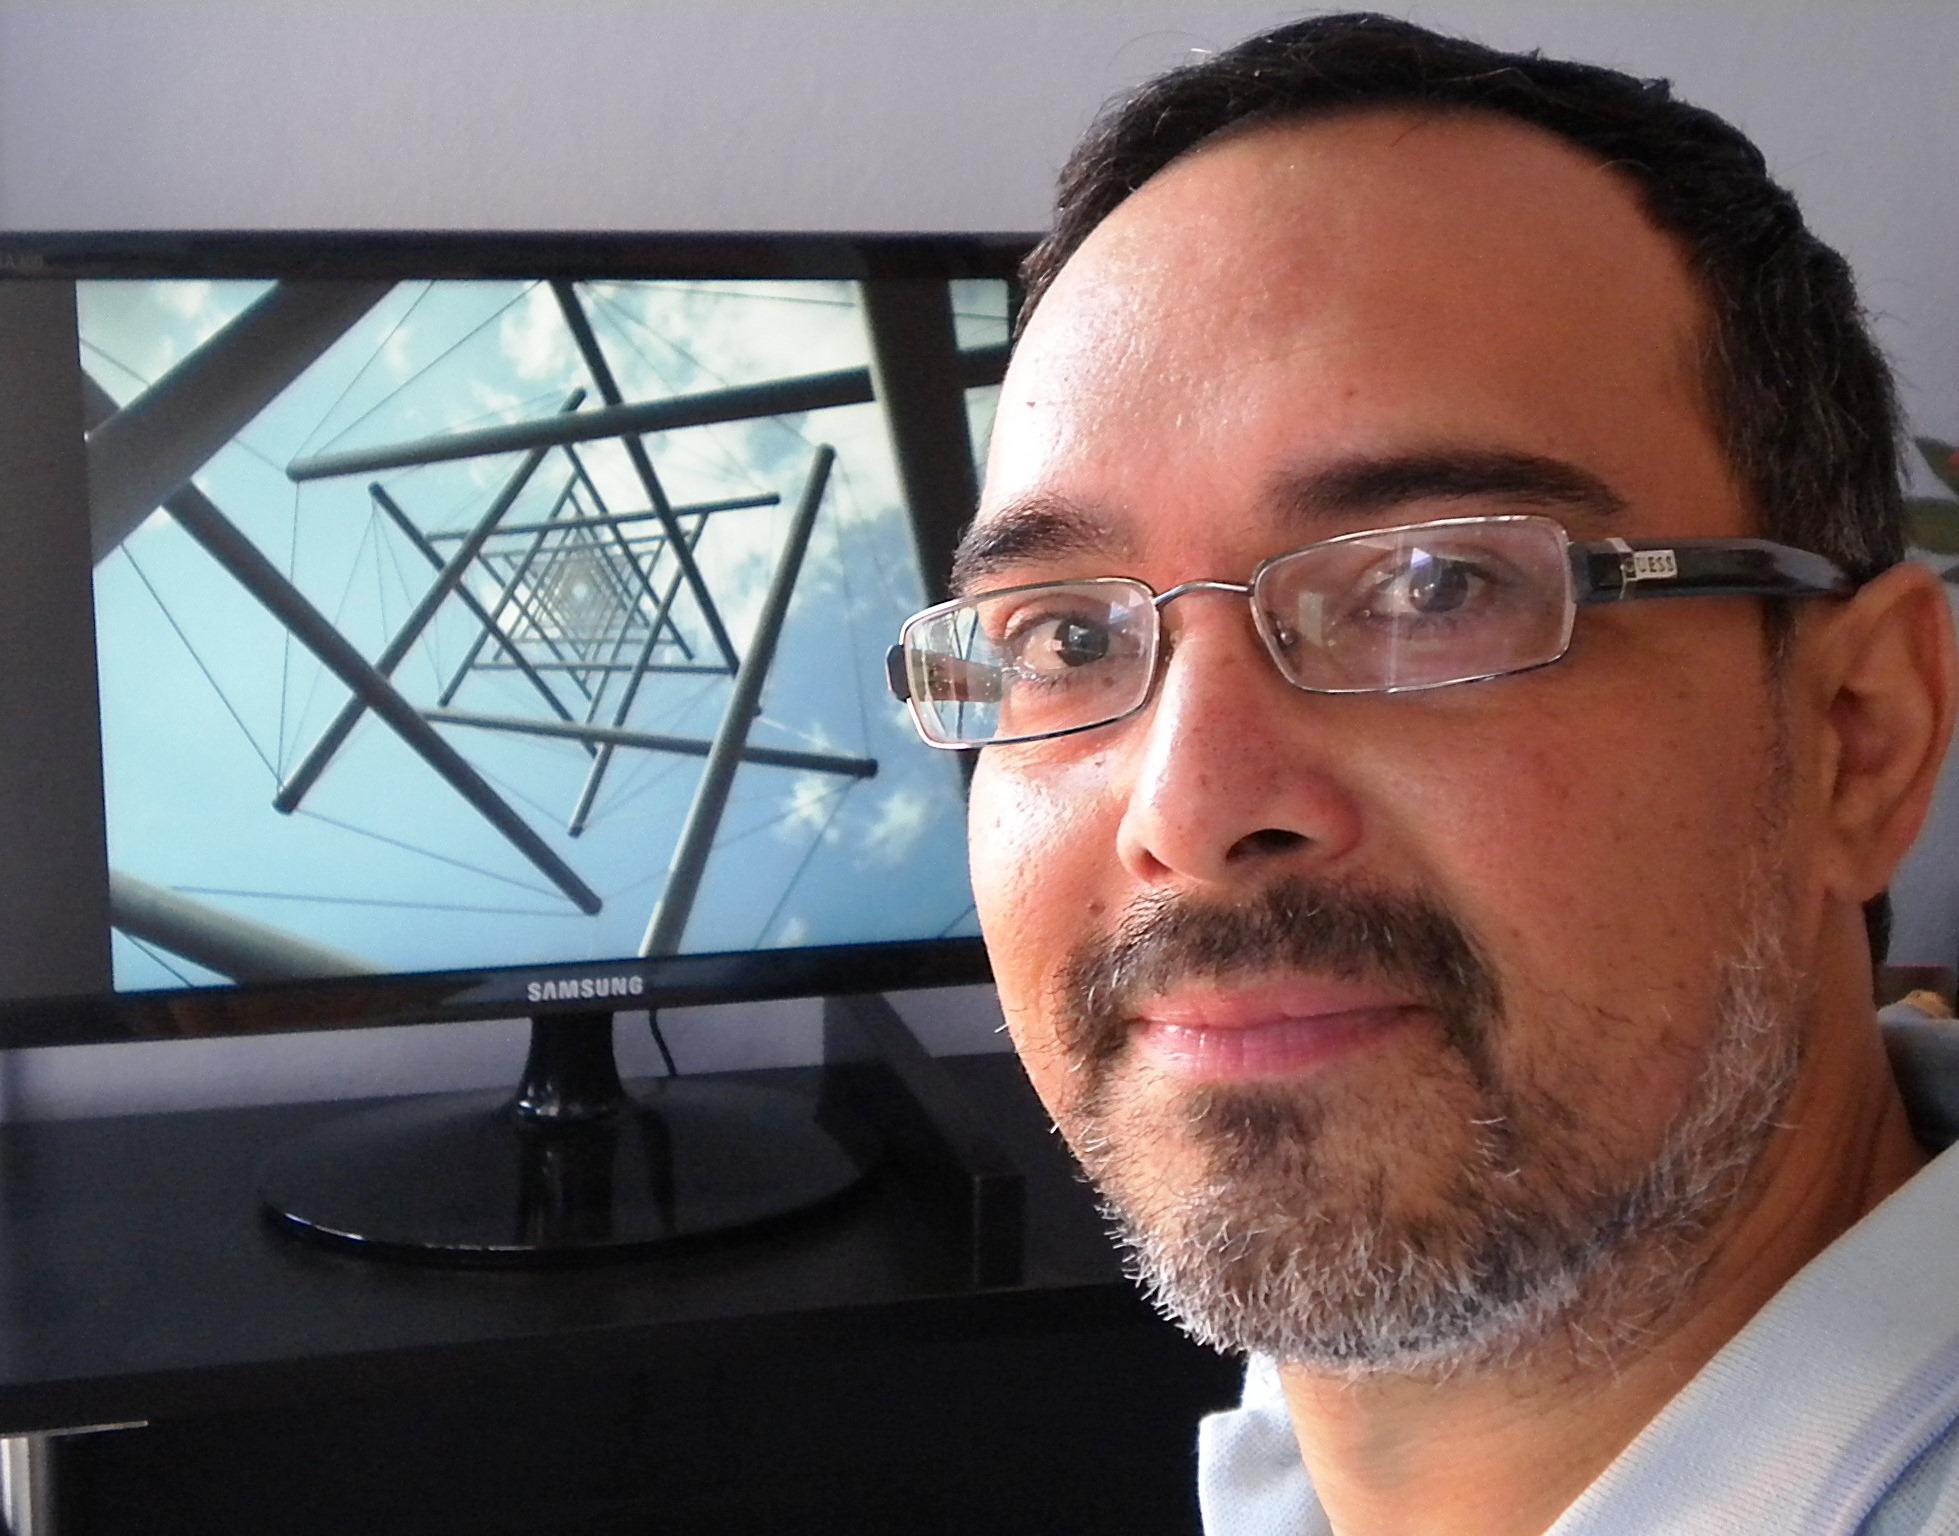 Imagen  La literatura científica creativa de Jose Antonio Bustelo en Directo jose antonio bustelo